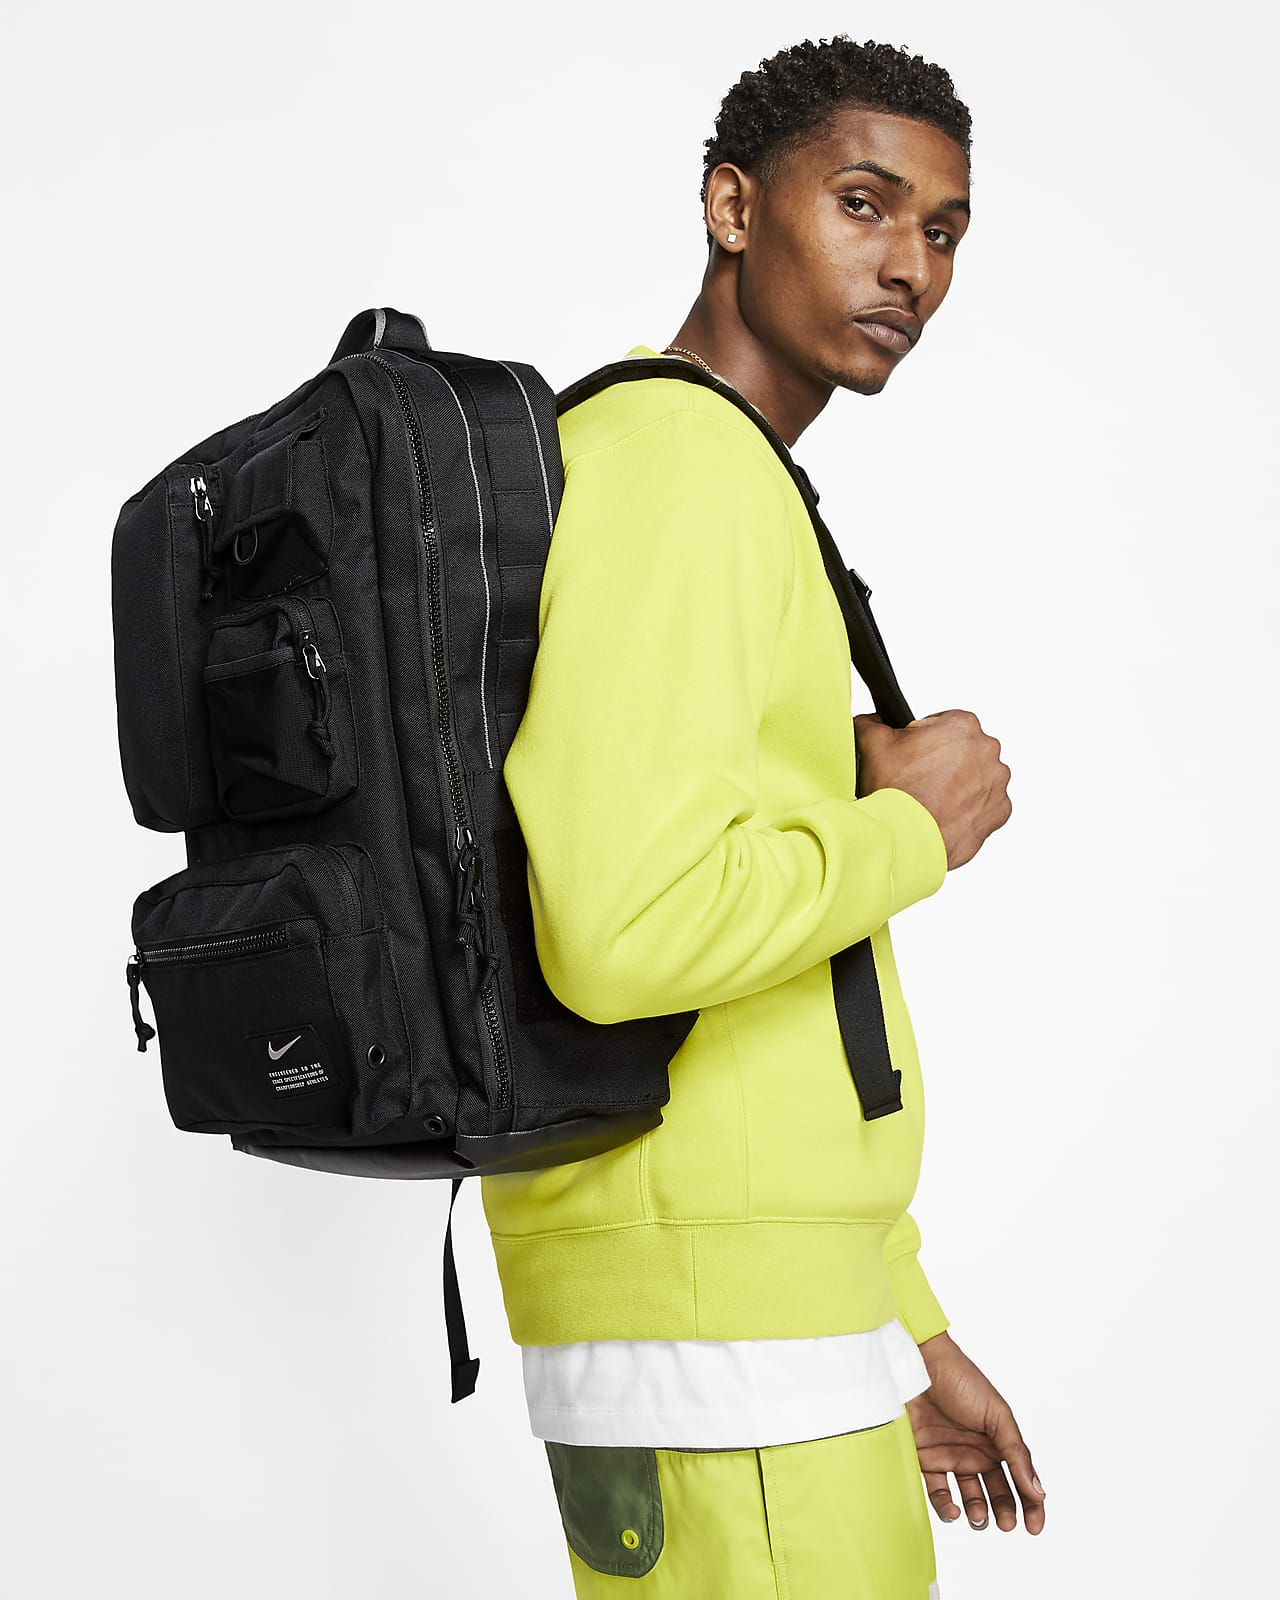 Nike Utility Elite Training Backpack